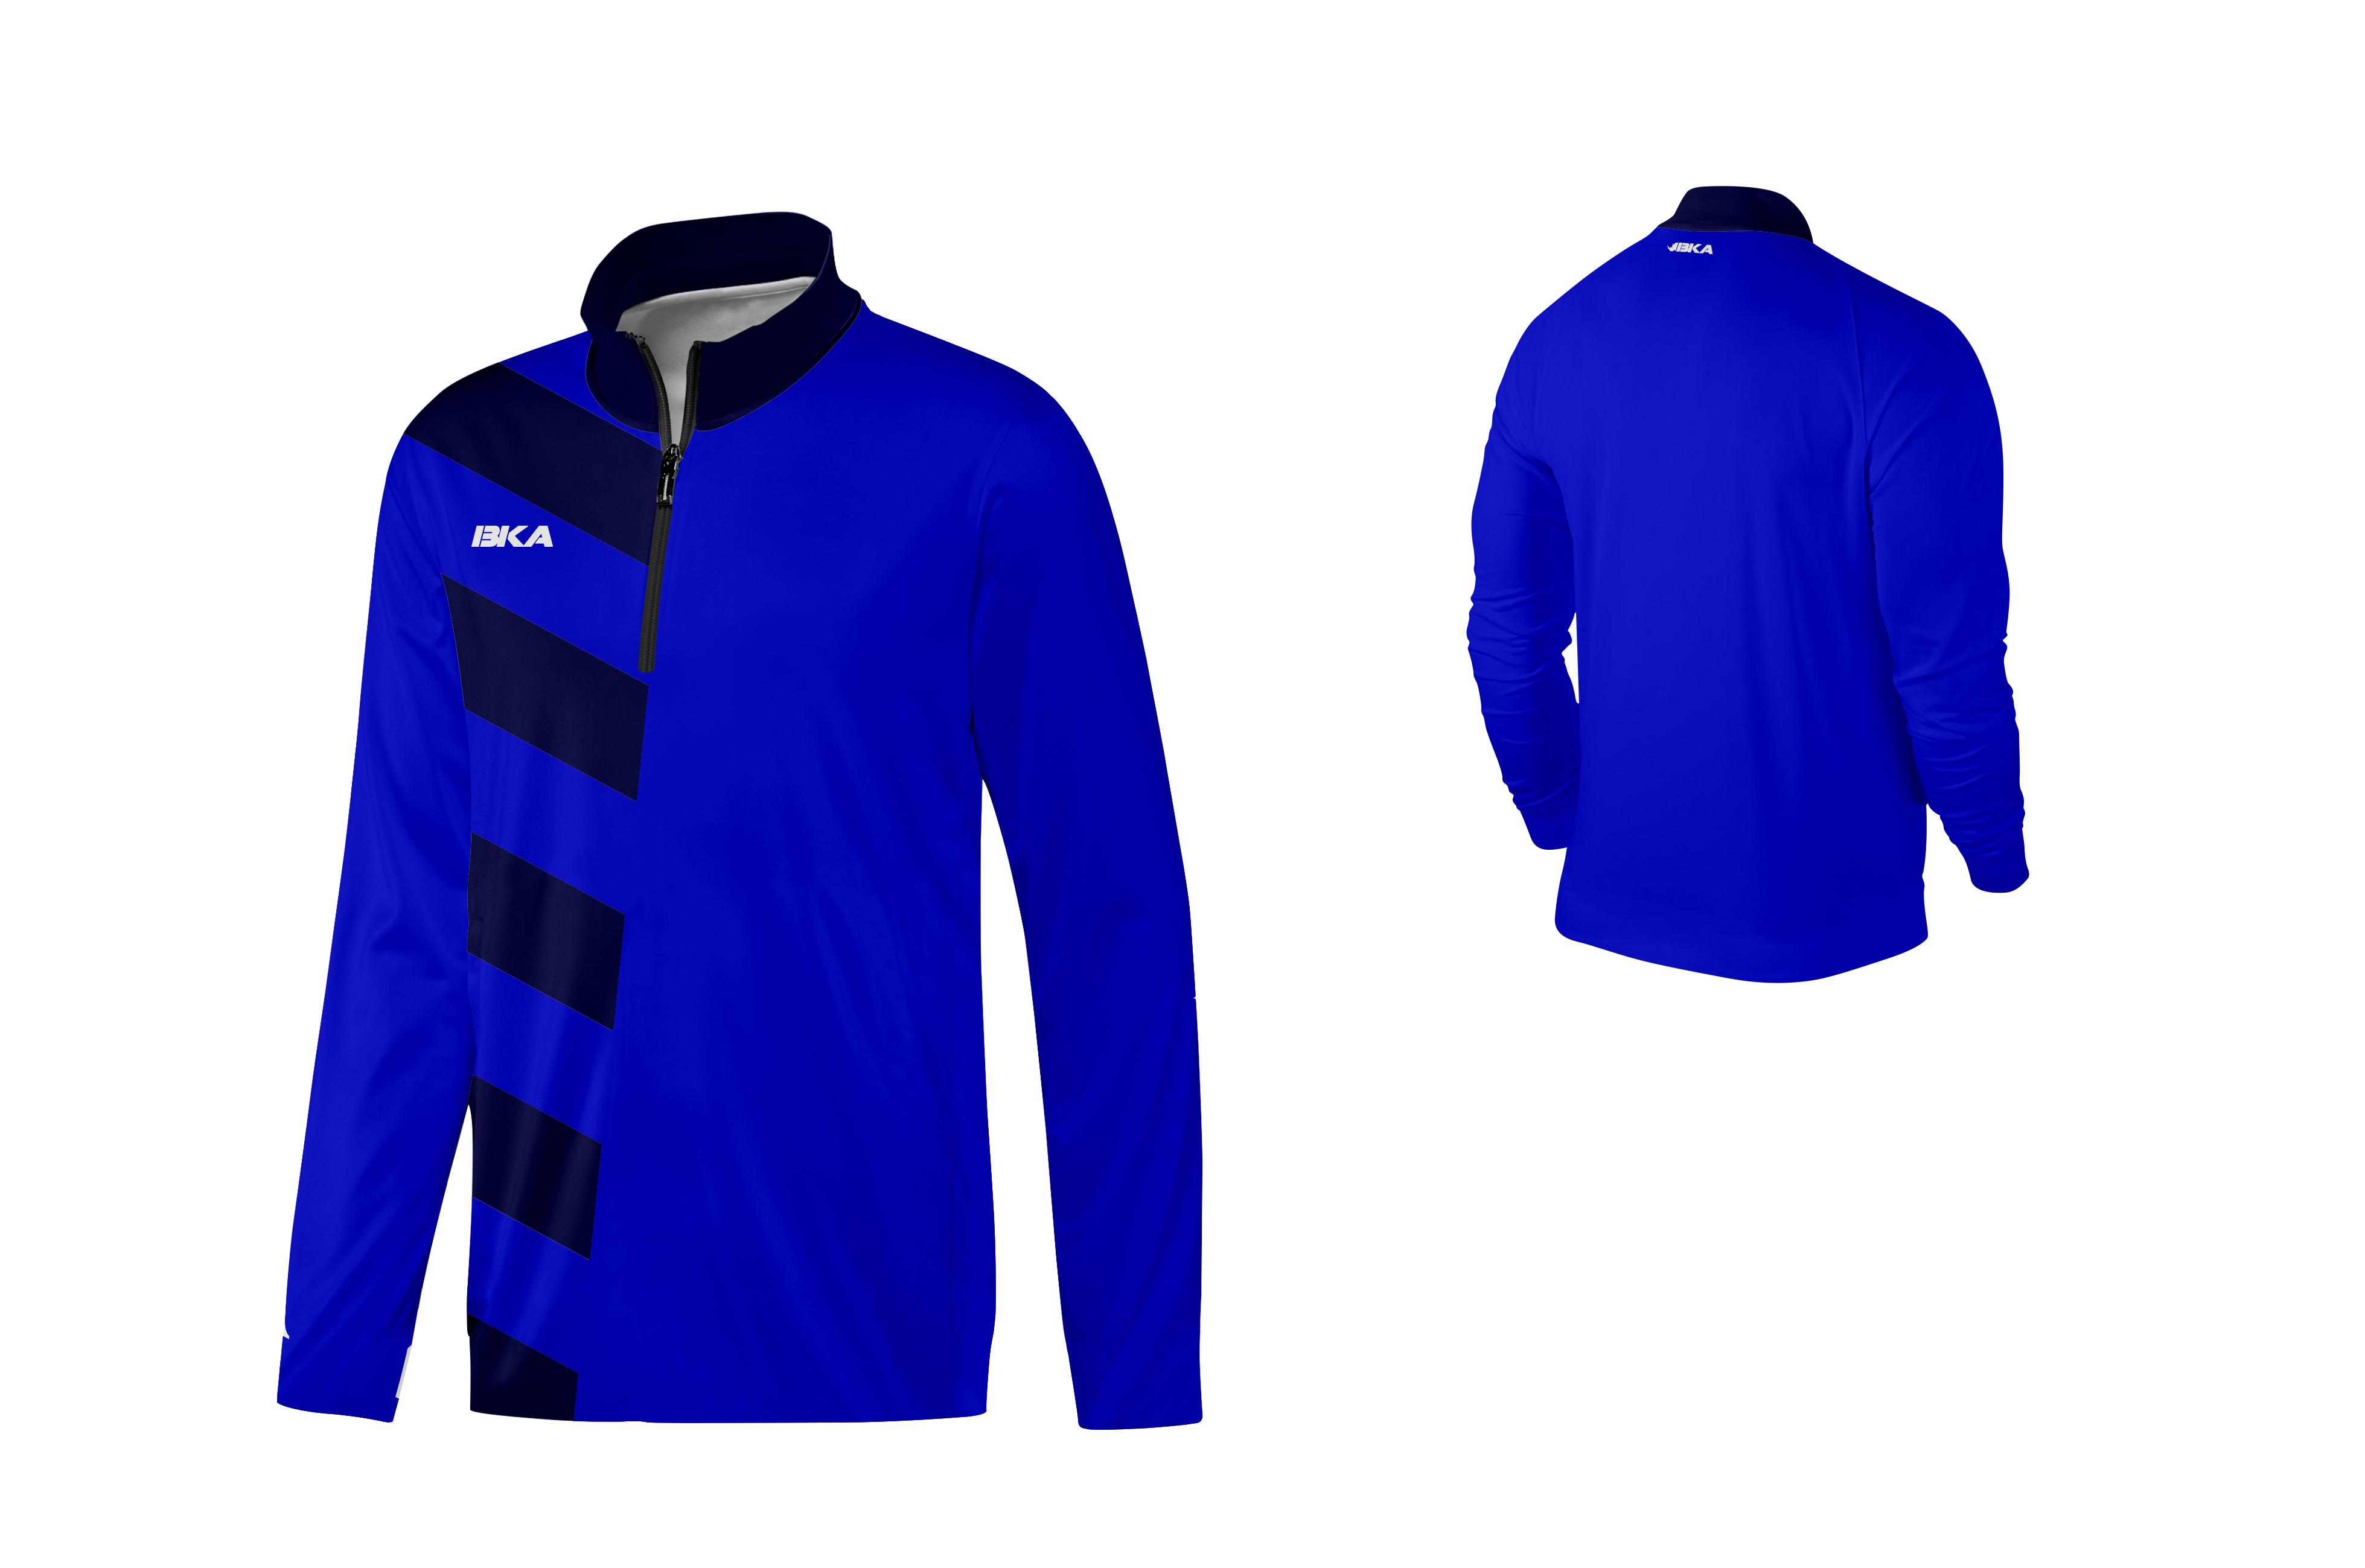 SUDADERA BKA DORTMUND azul royal-azul marino